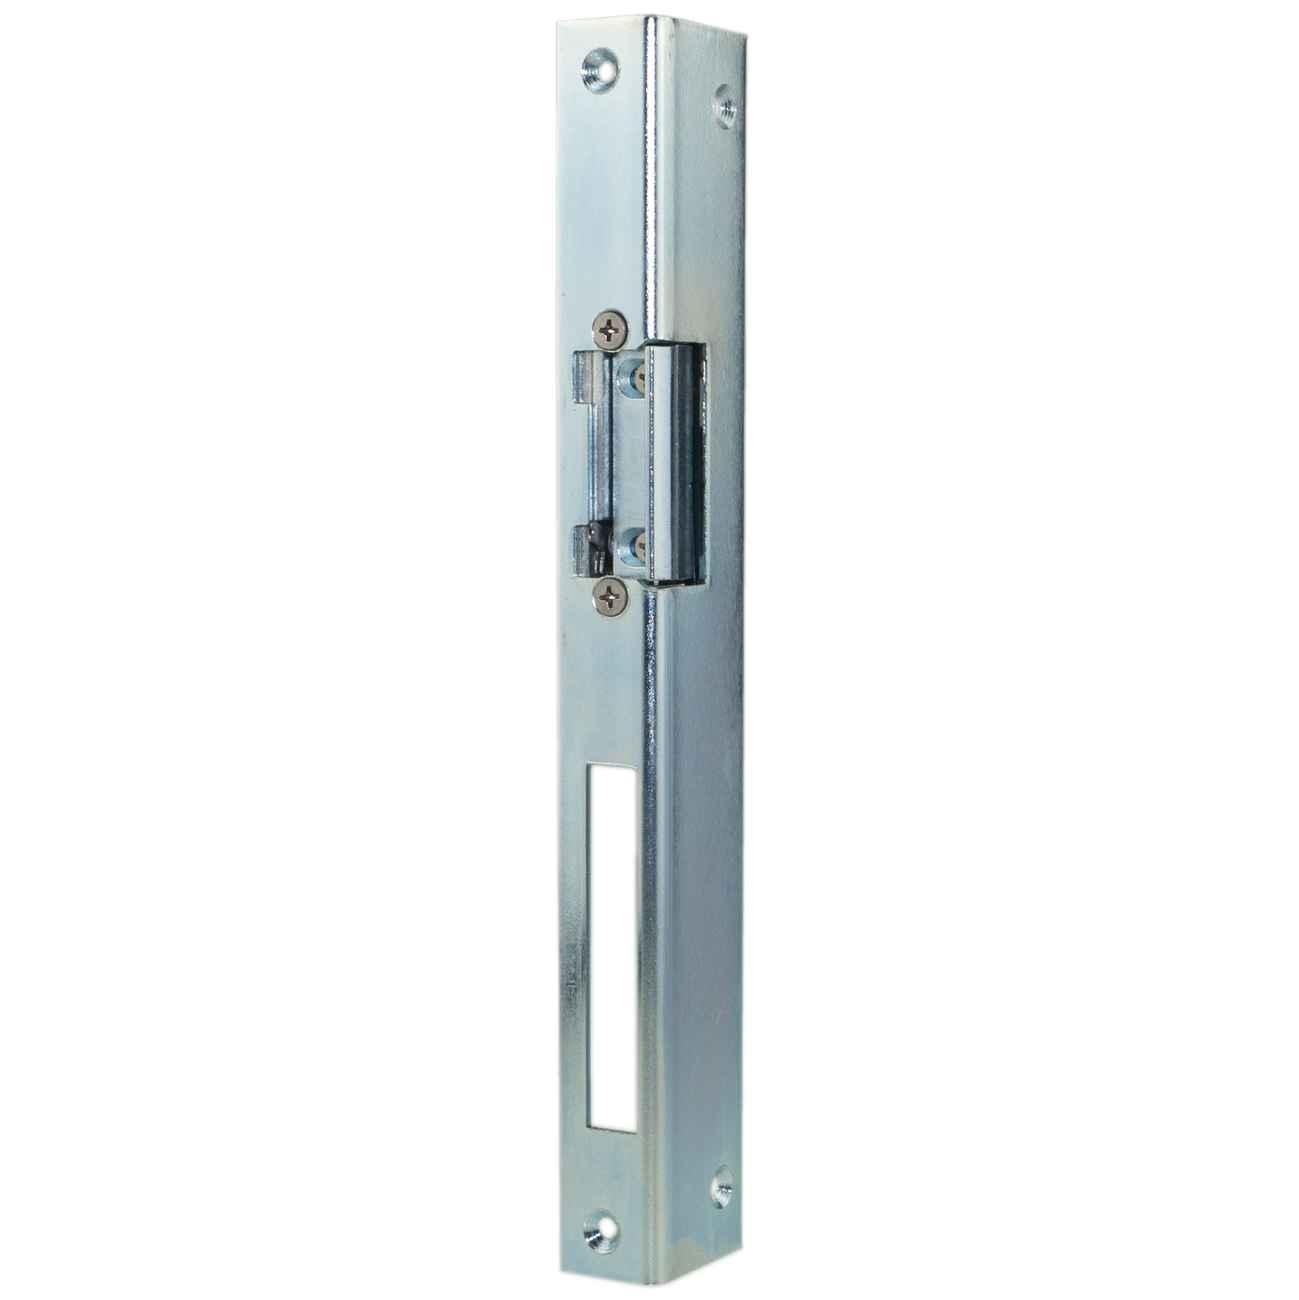 Elektrischer Türöffner Peso 351 AL mit Winkelblech Links, Entriegelungshebel, 6 - 12 Volt